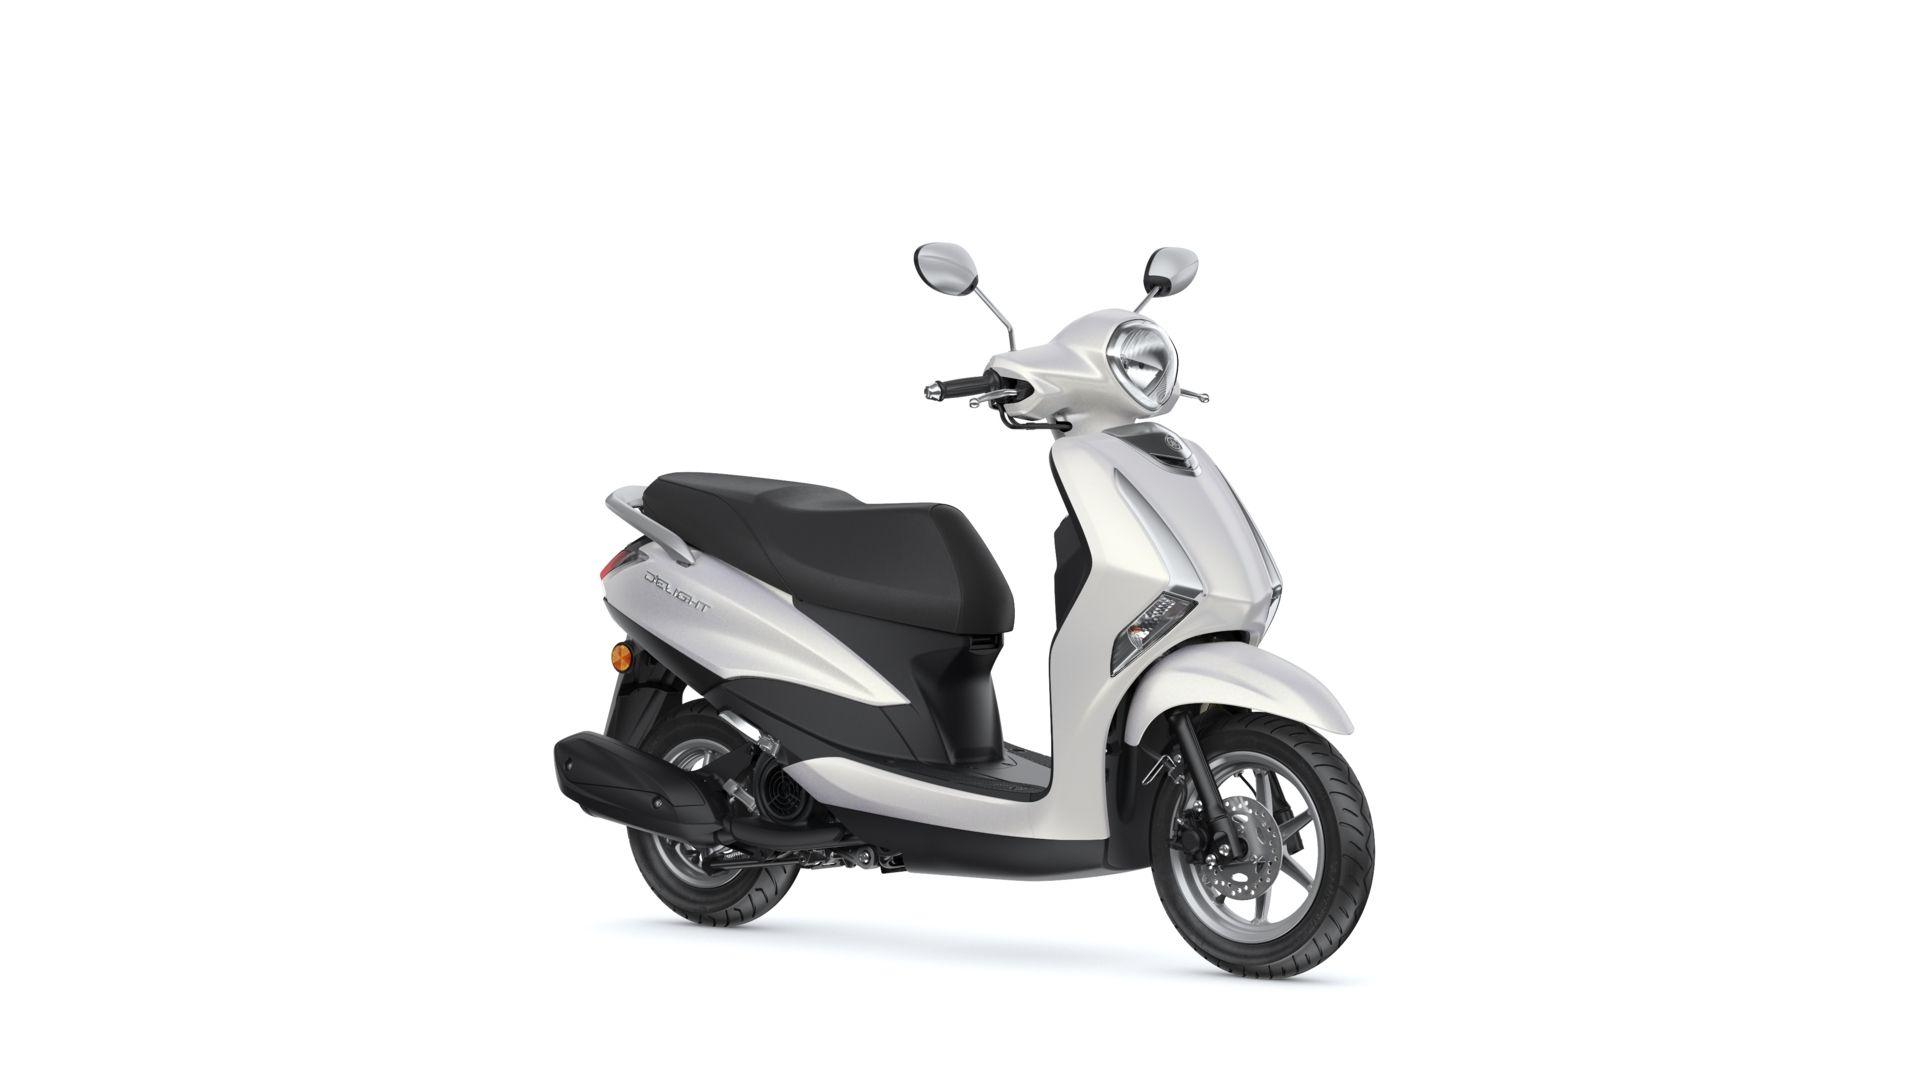 Yamaha Roller D'elight